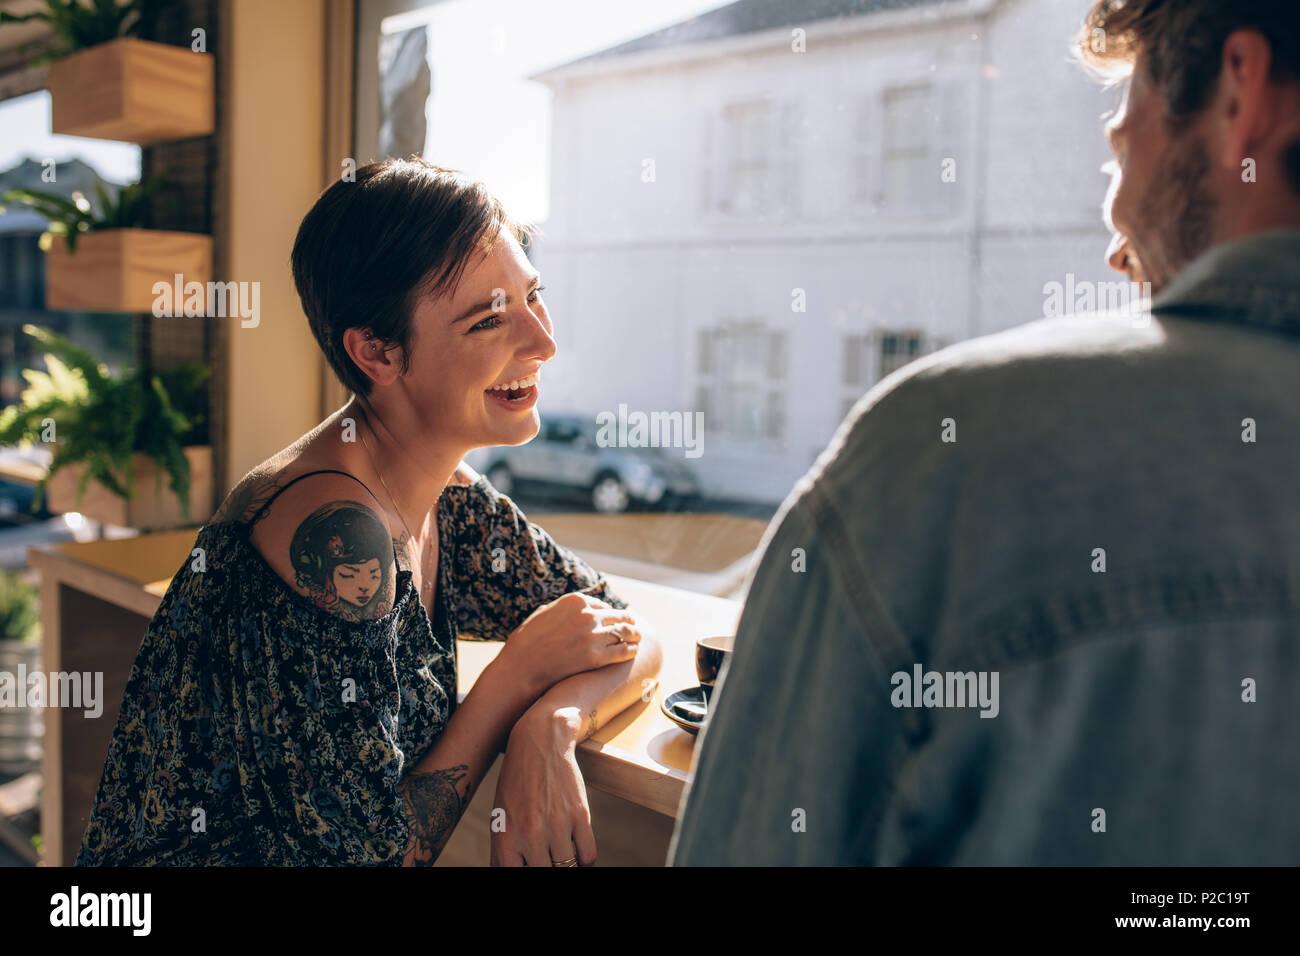 Jeune femme assise au café avec son petit ami et sourit. Couple réunion au café et de parler. Photo Stock